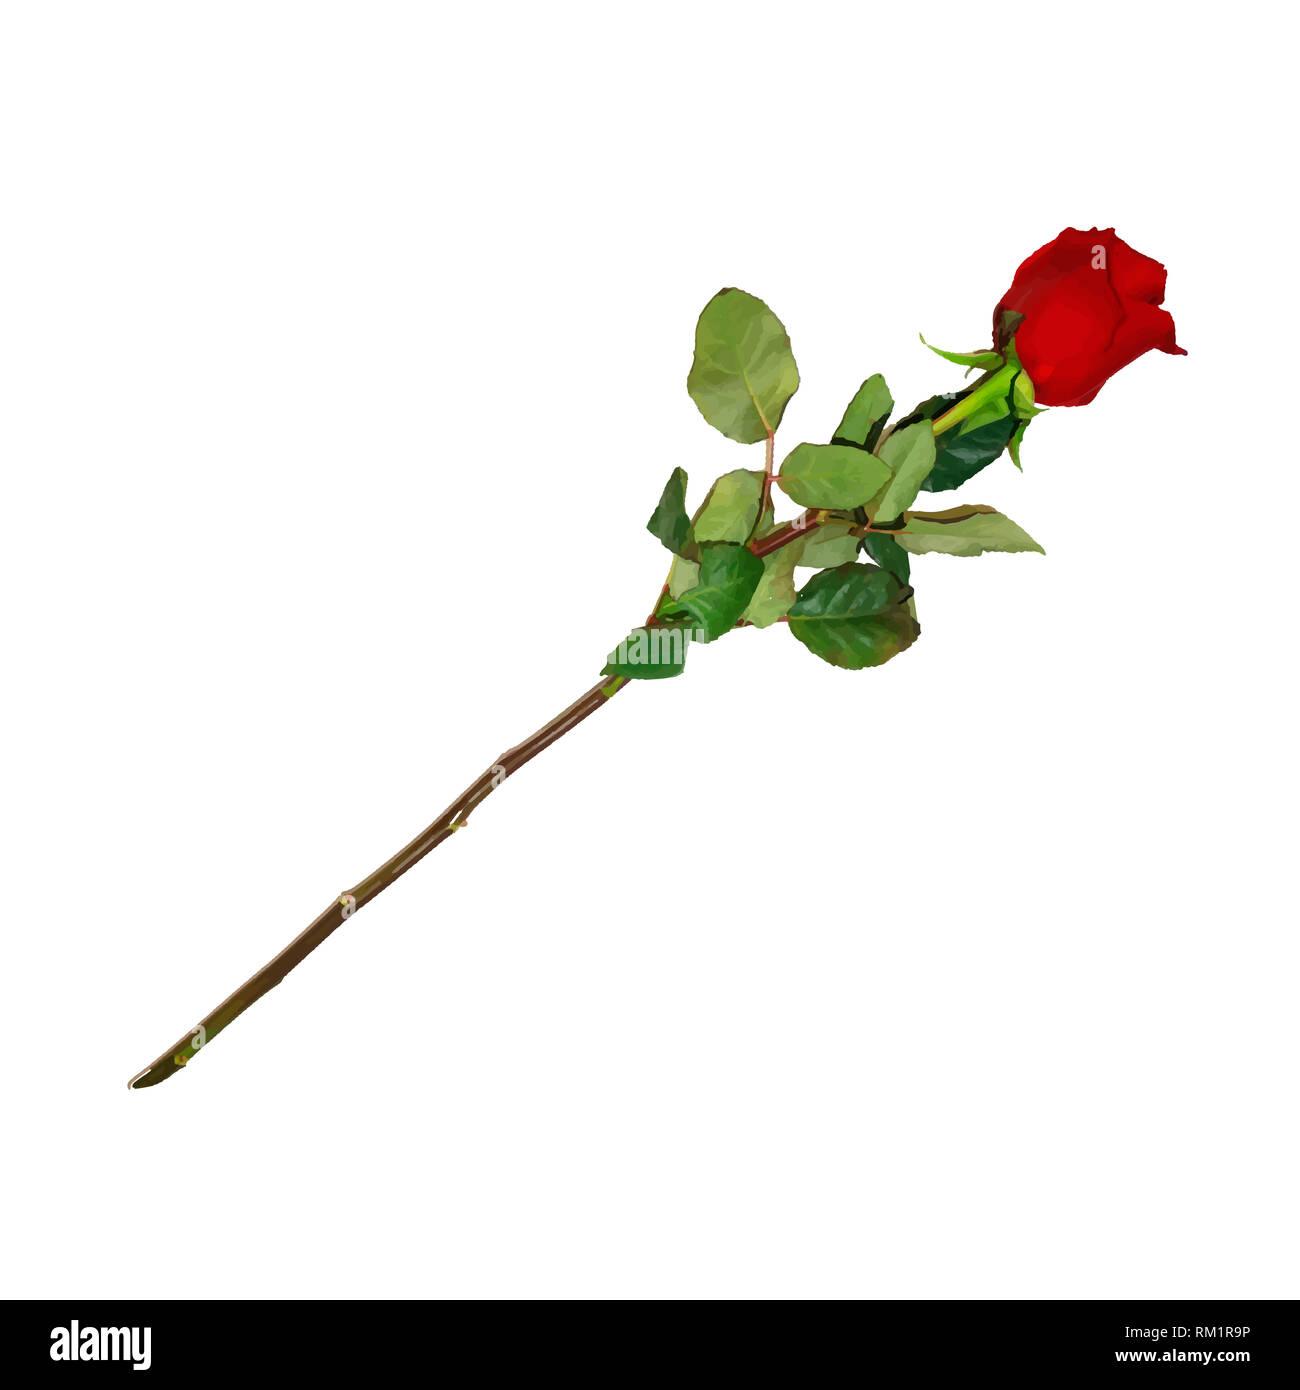 Foto realistiche e molto dettagliata di fiori rosa rossa sul gambo lungo isolato su sfondo bianco. Bella bocciolo di rosa Rubino con foglie. Clip Art per Va Immagini Stock